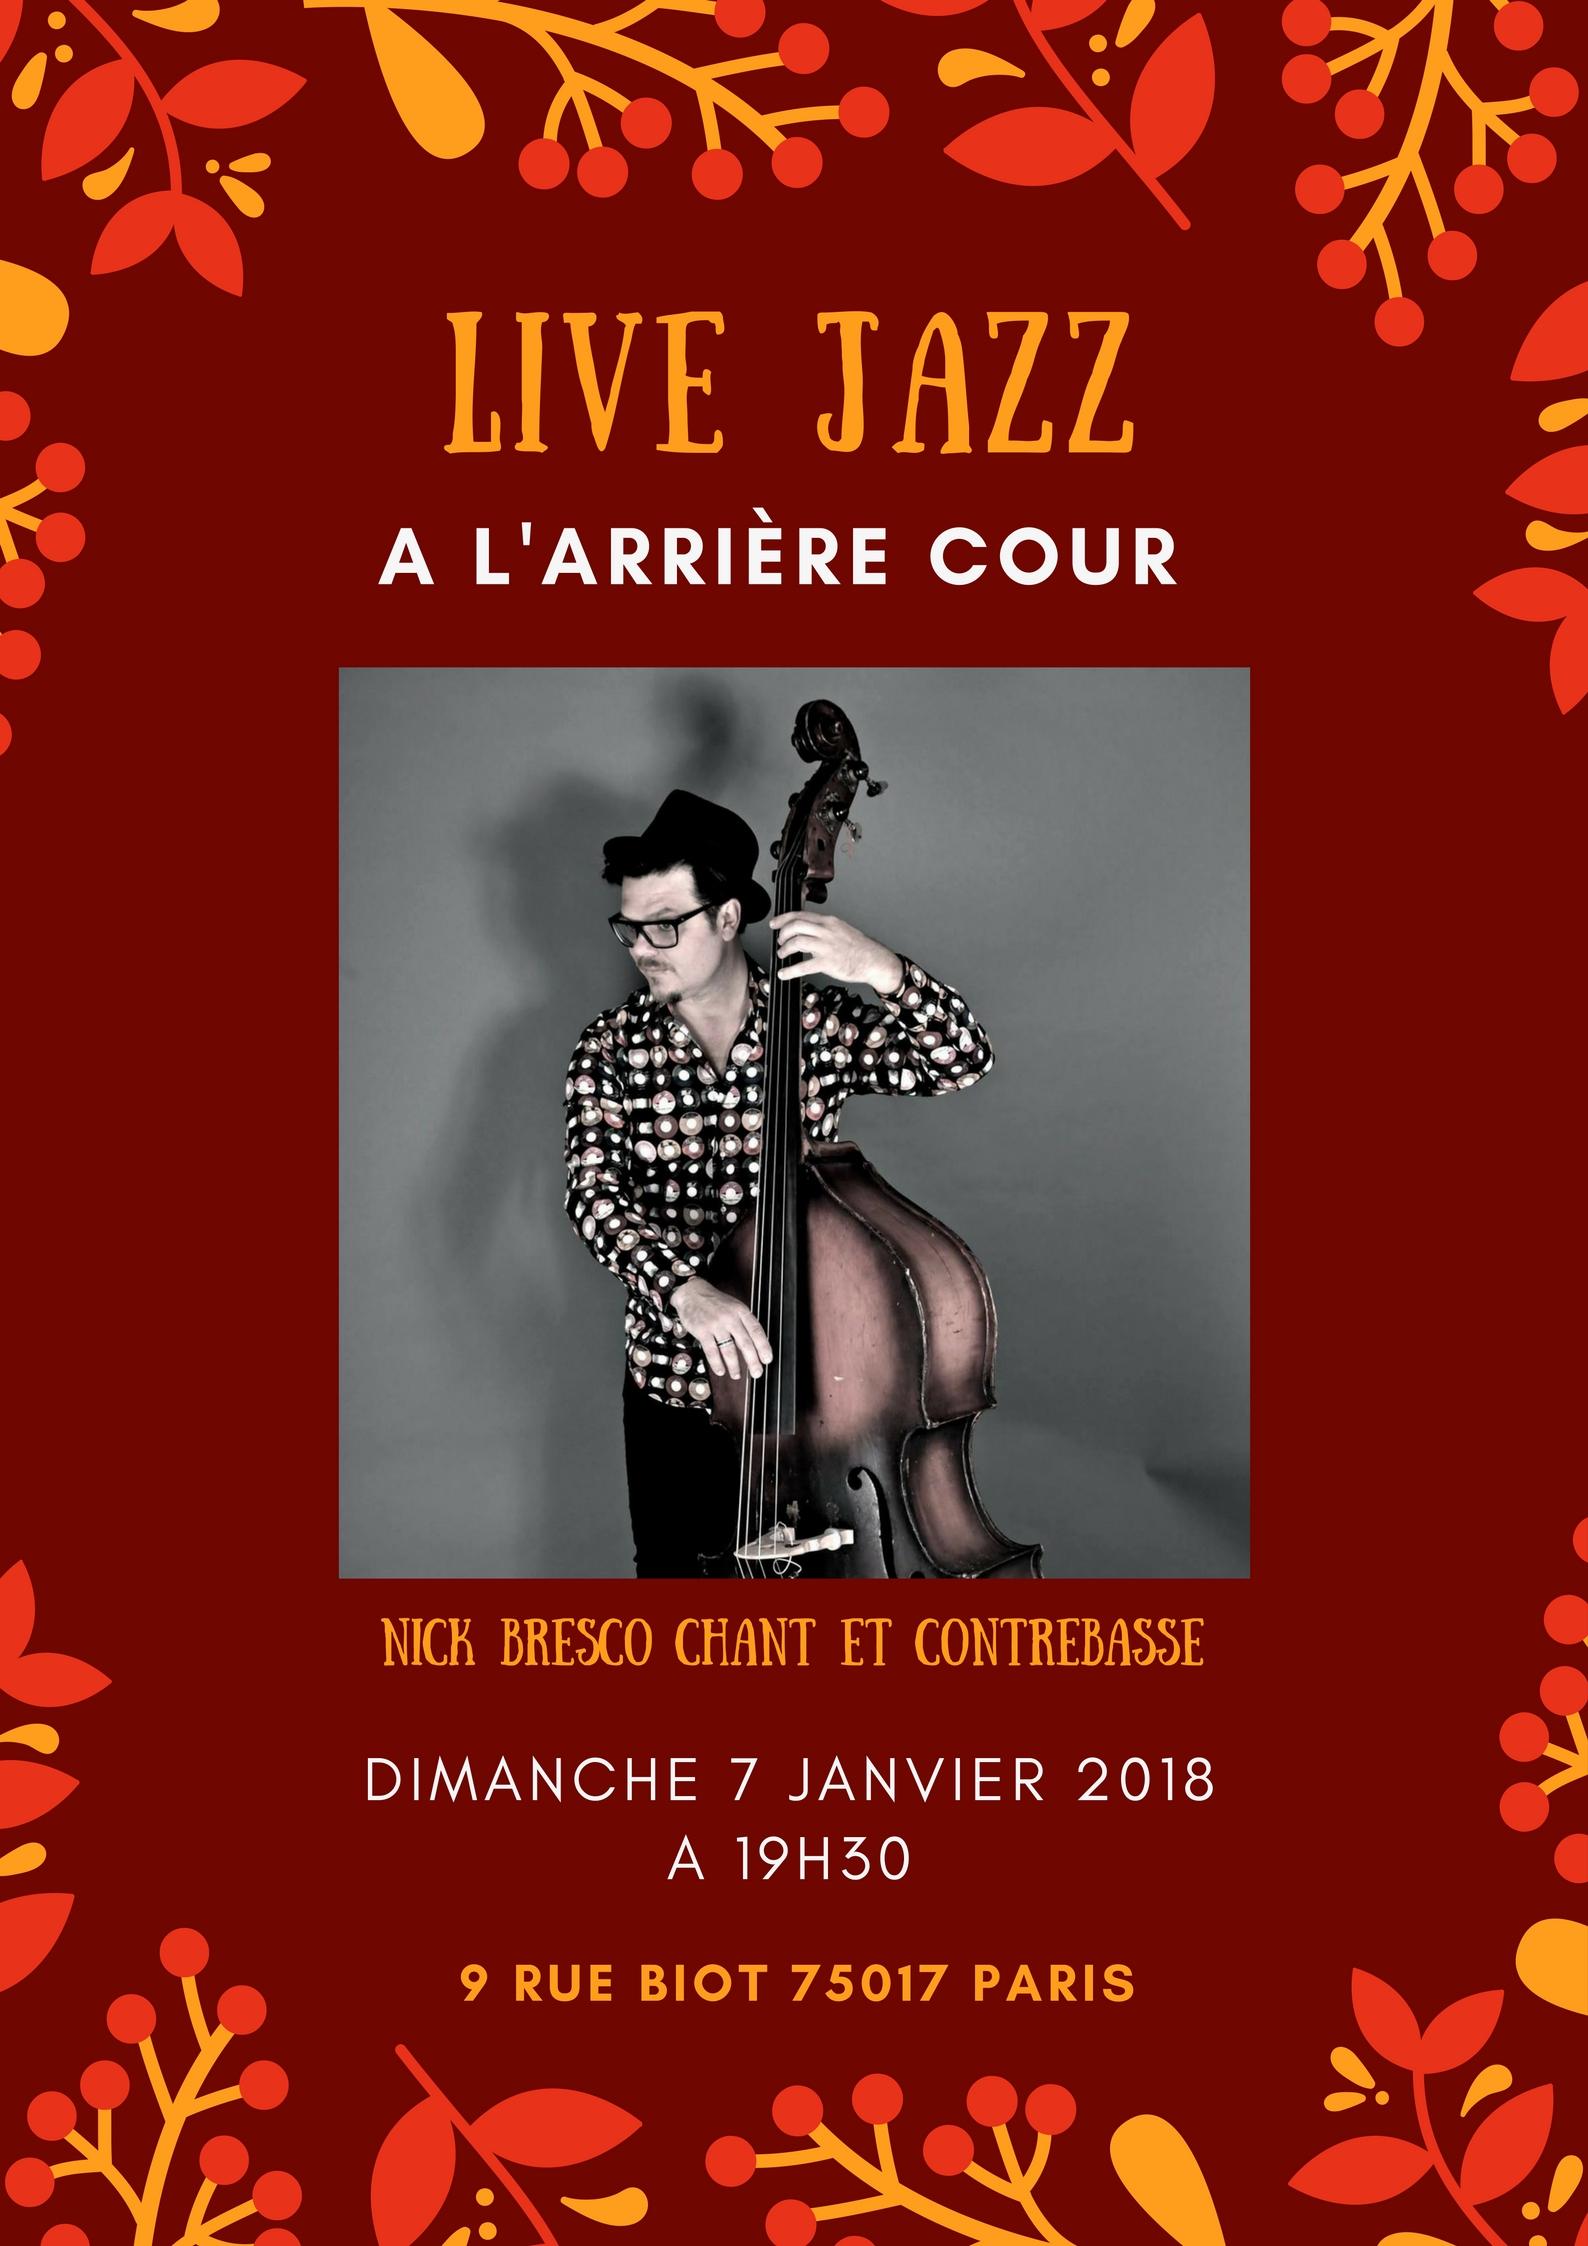 Nick Bresco concert jazzy